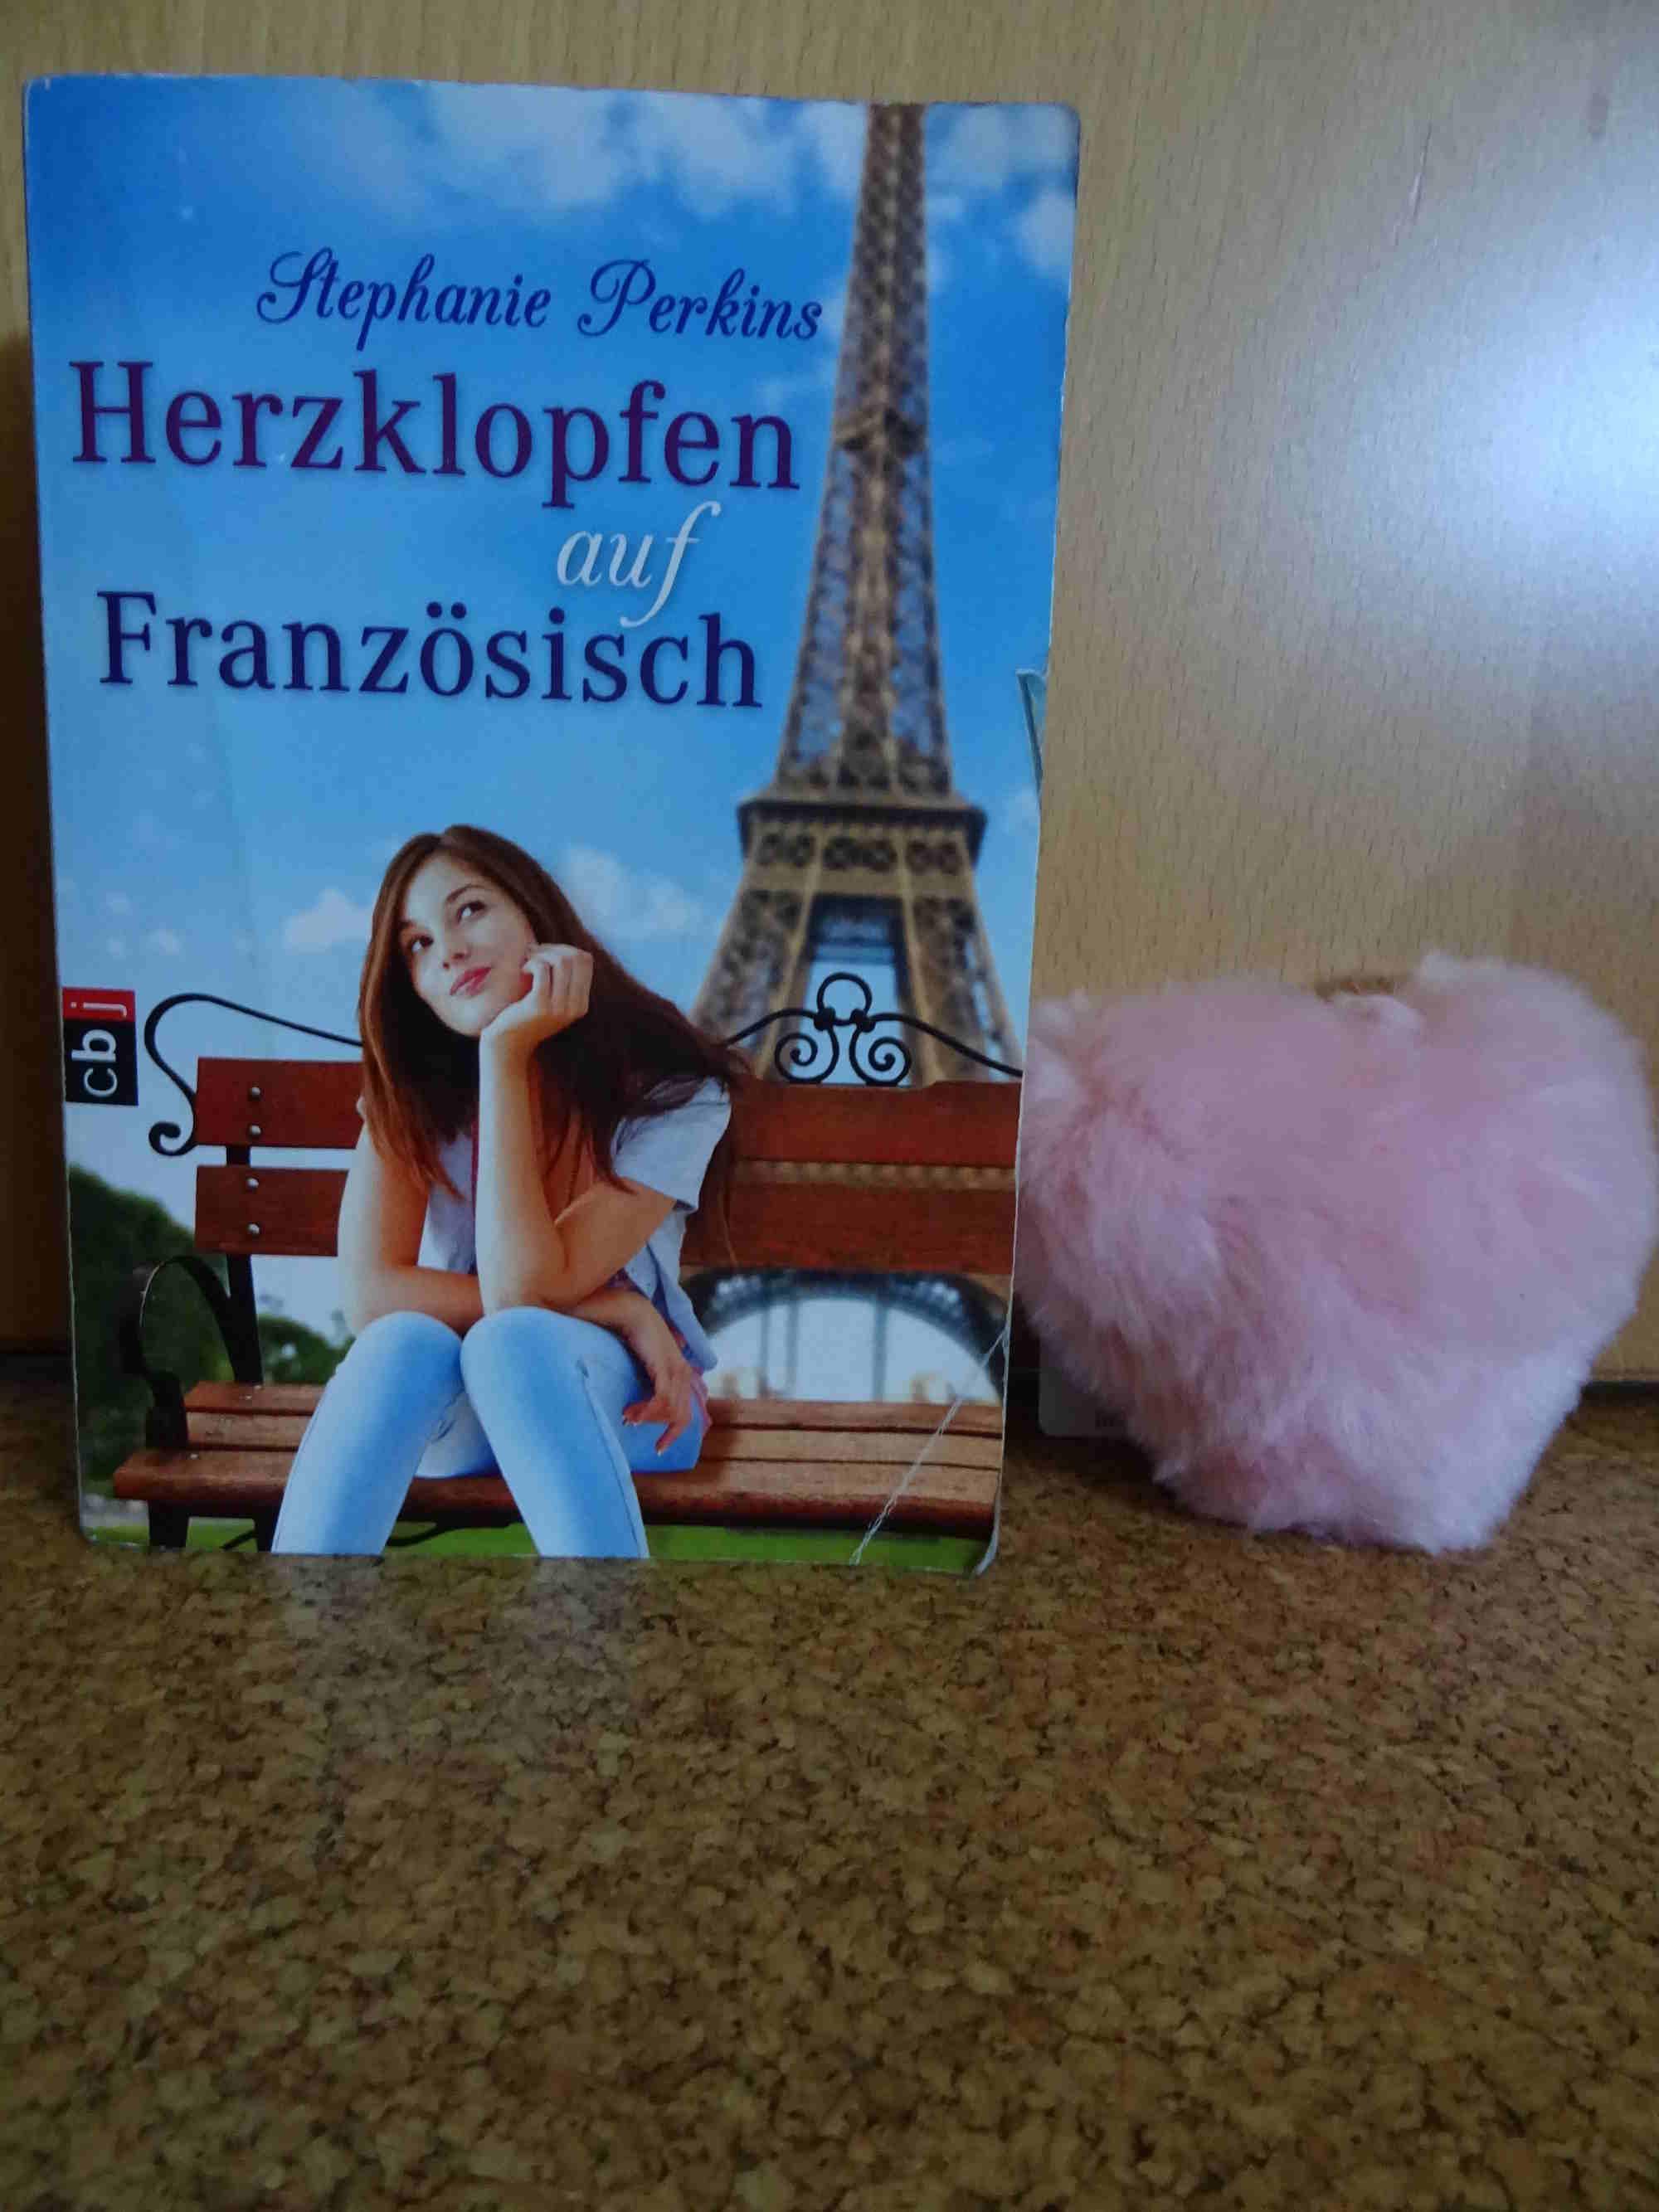 Herzklopfen auf Französisch von Stephanie Perkins